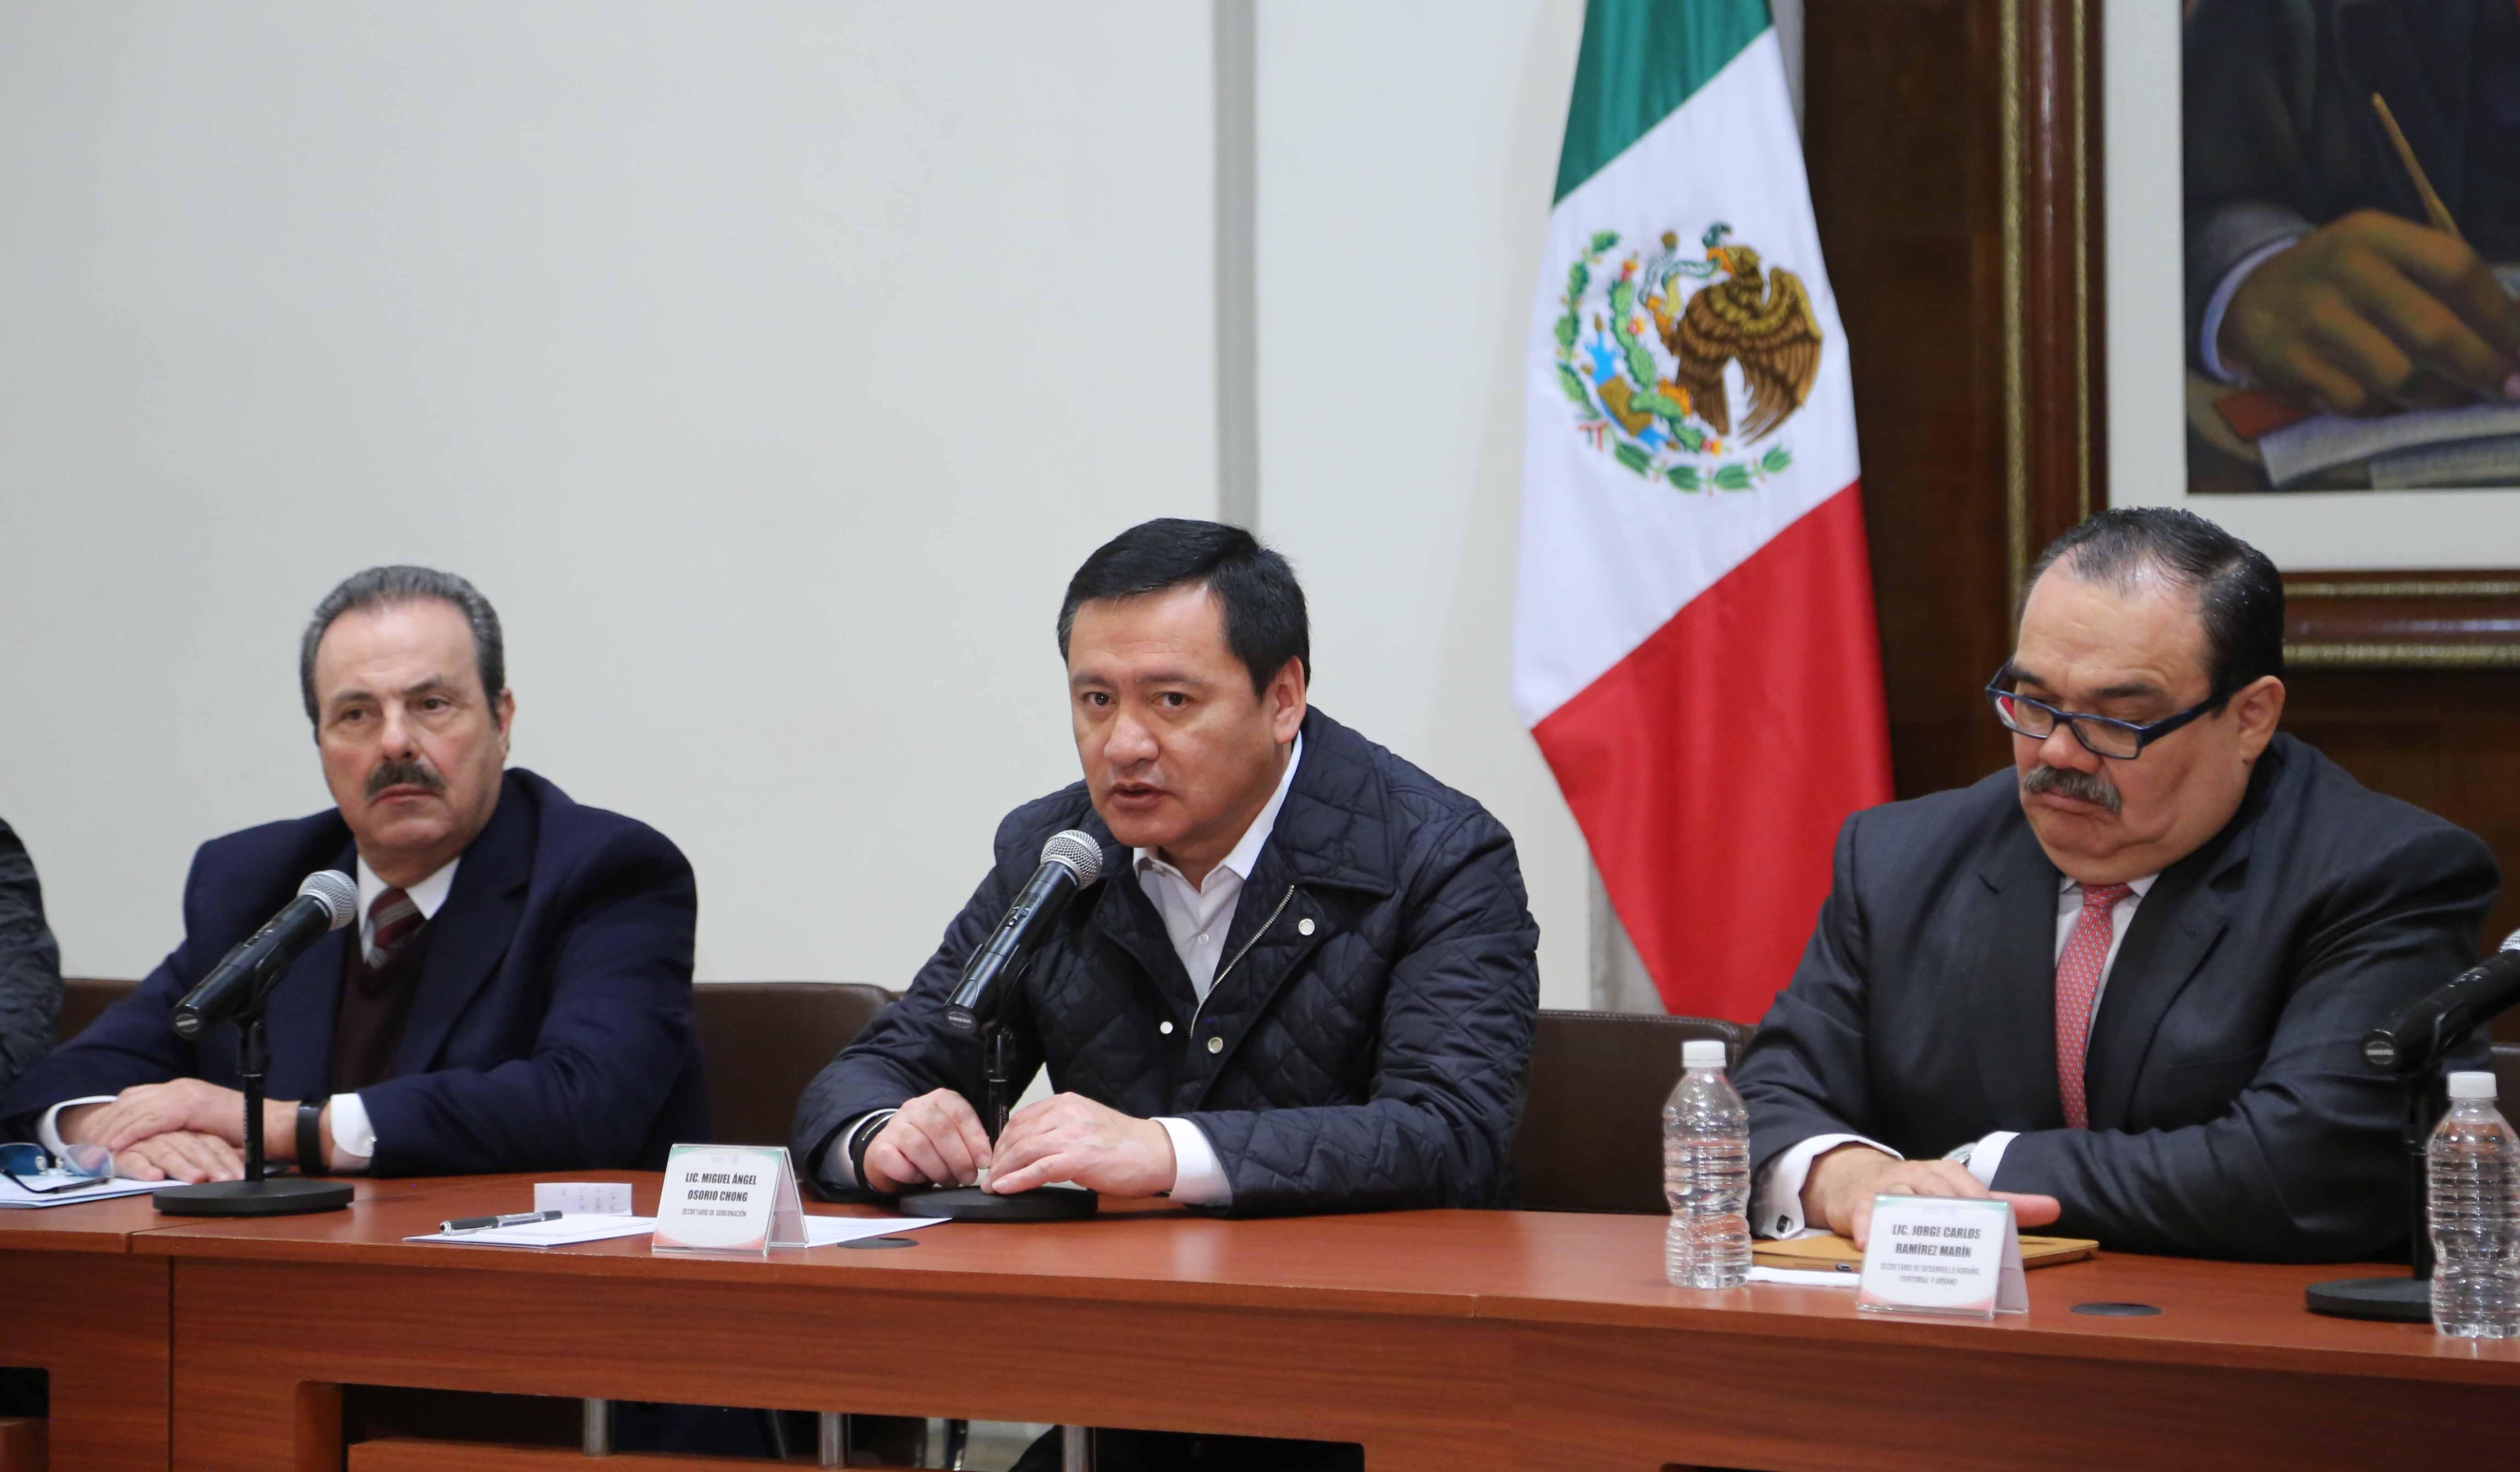 Encabeza el Secretario de Gobernación, Miguel Ángel Osorio Chong, reunión con organizaciones campesinas